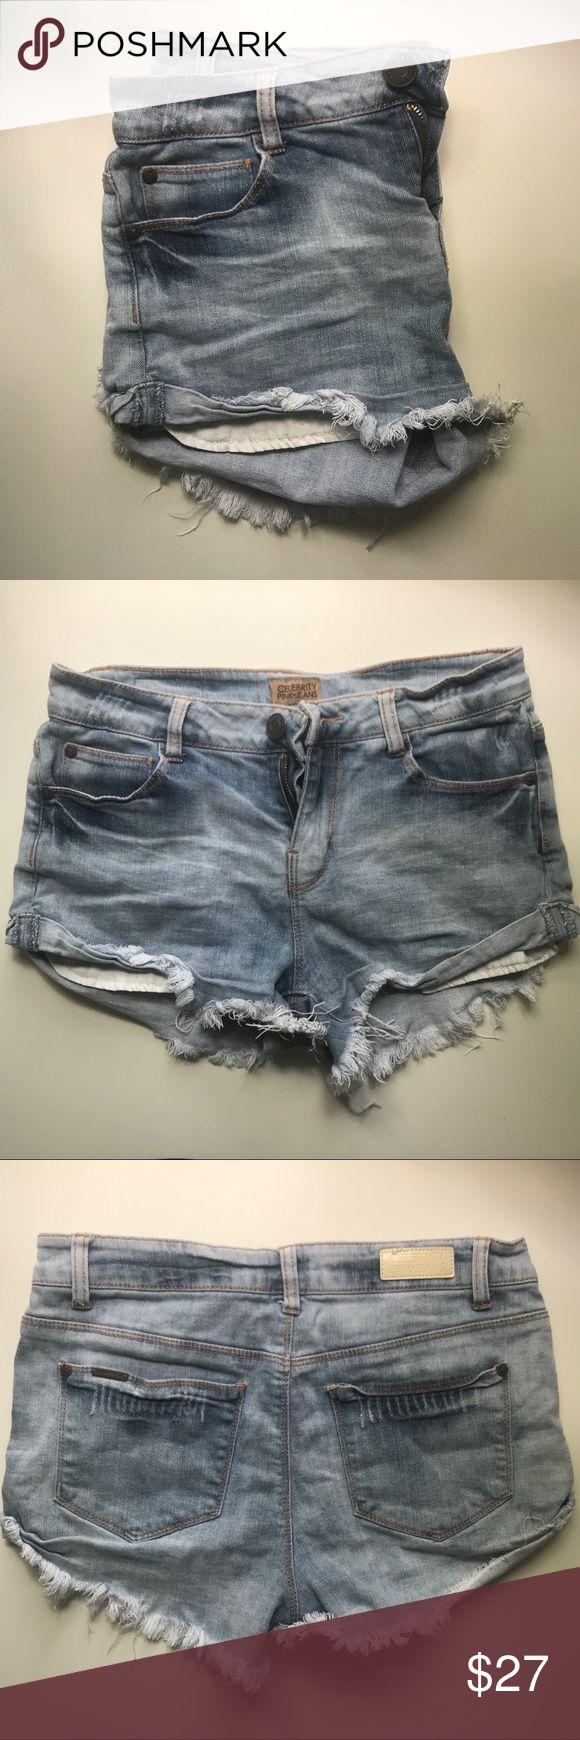 acid light wash denim jean shorts size 4 light wash kind of acid toned denim shi…